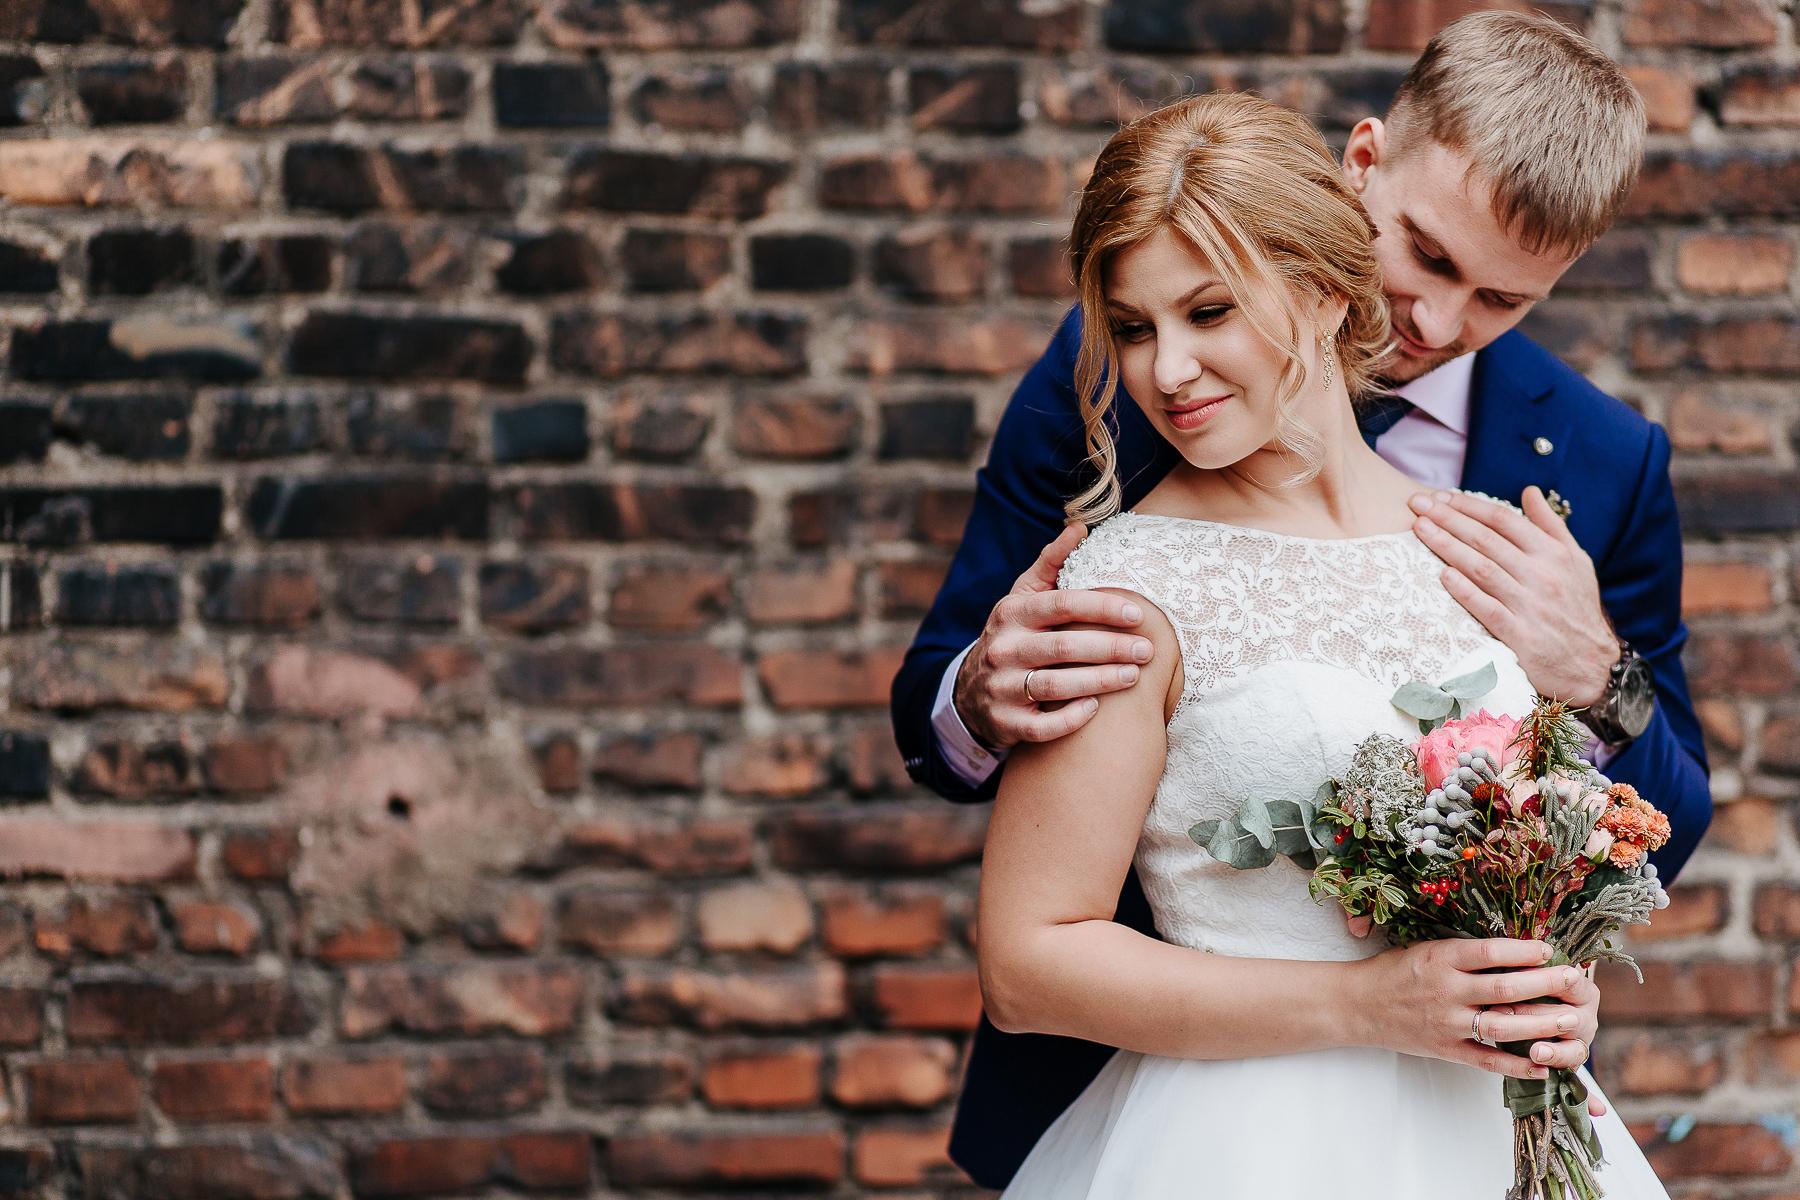 свёкром свадебные фотографы спб недорого чулок наши дни